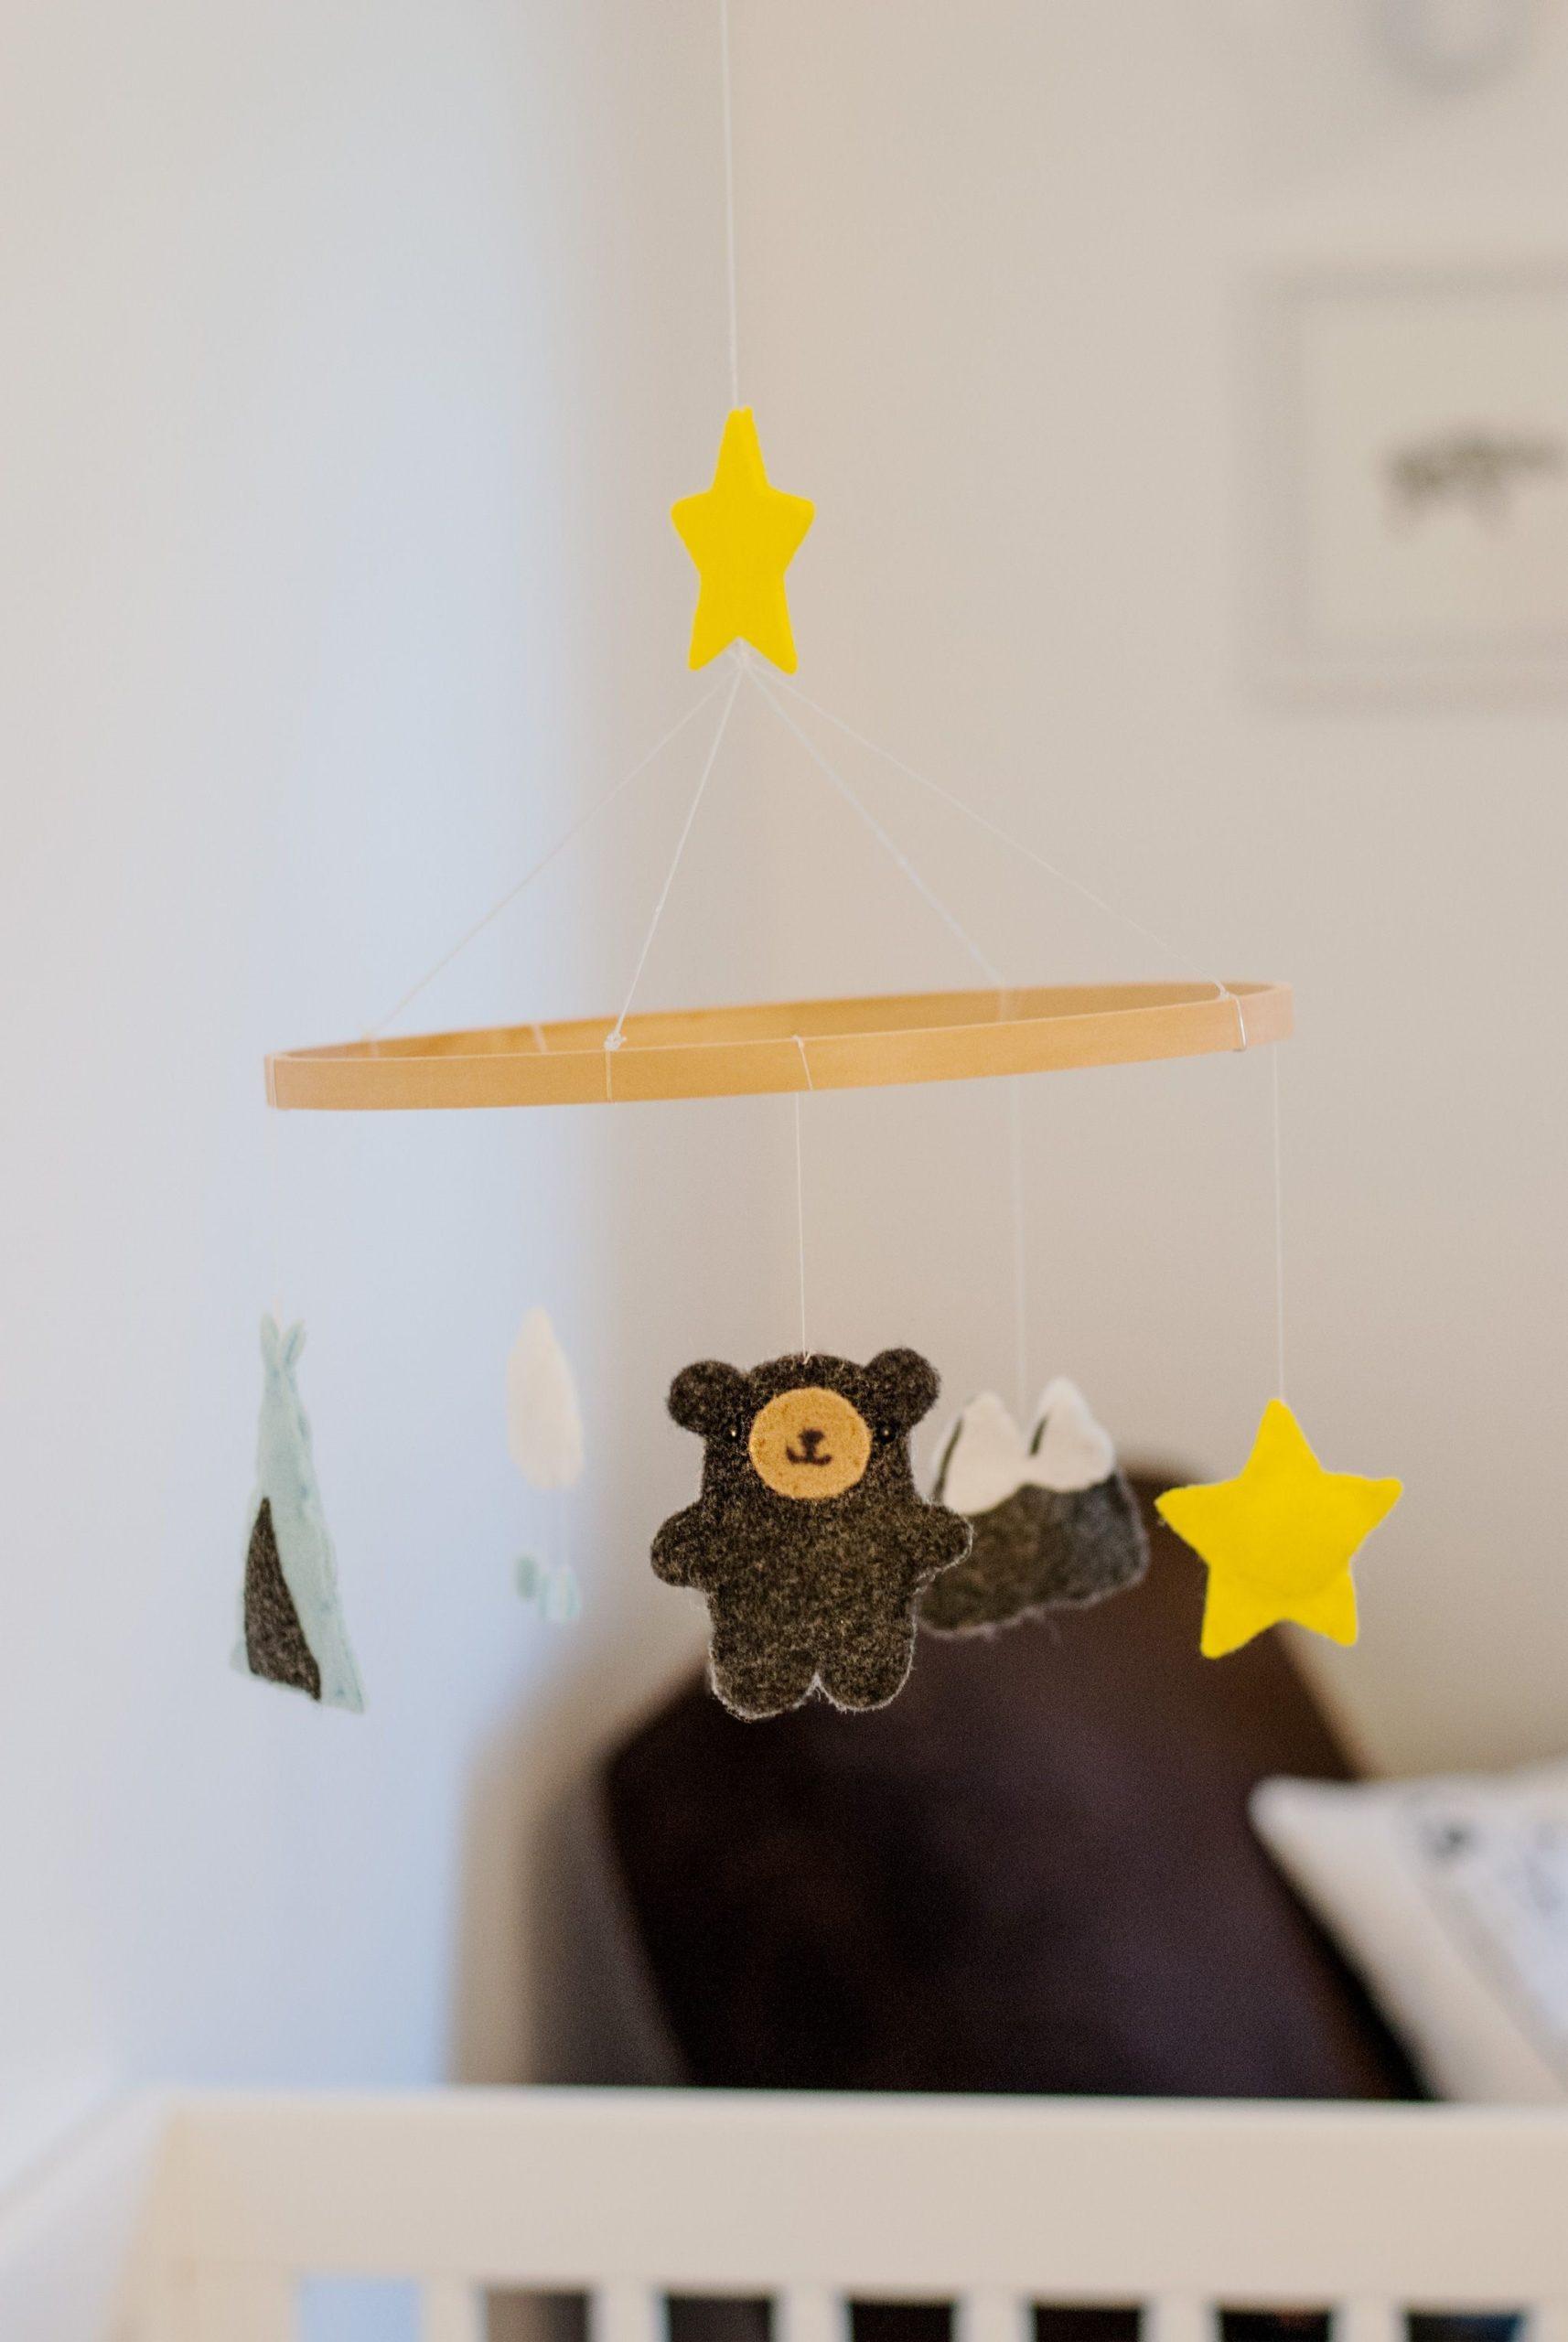 Faites quelque chose de spécial pour votre enfant avec ce bricolage facile.